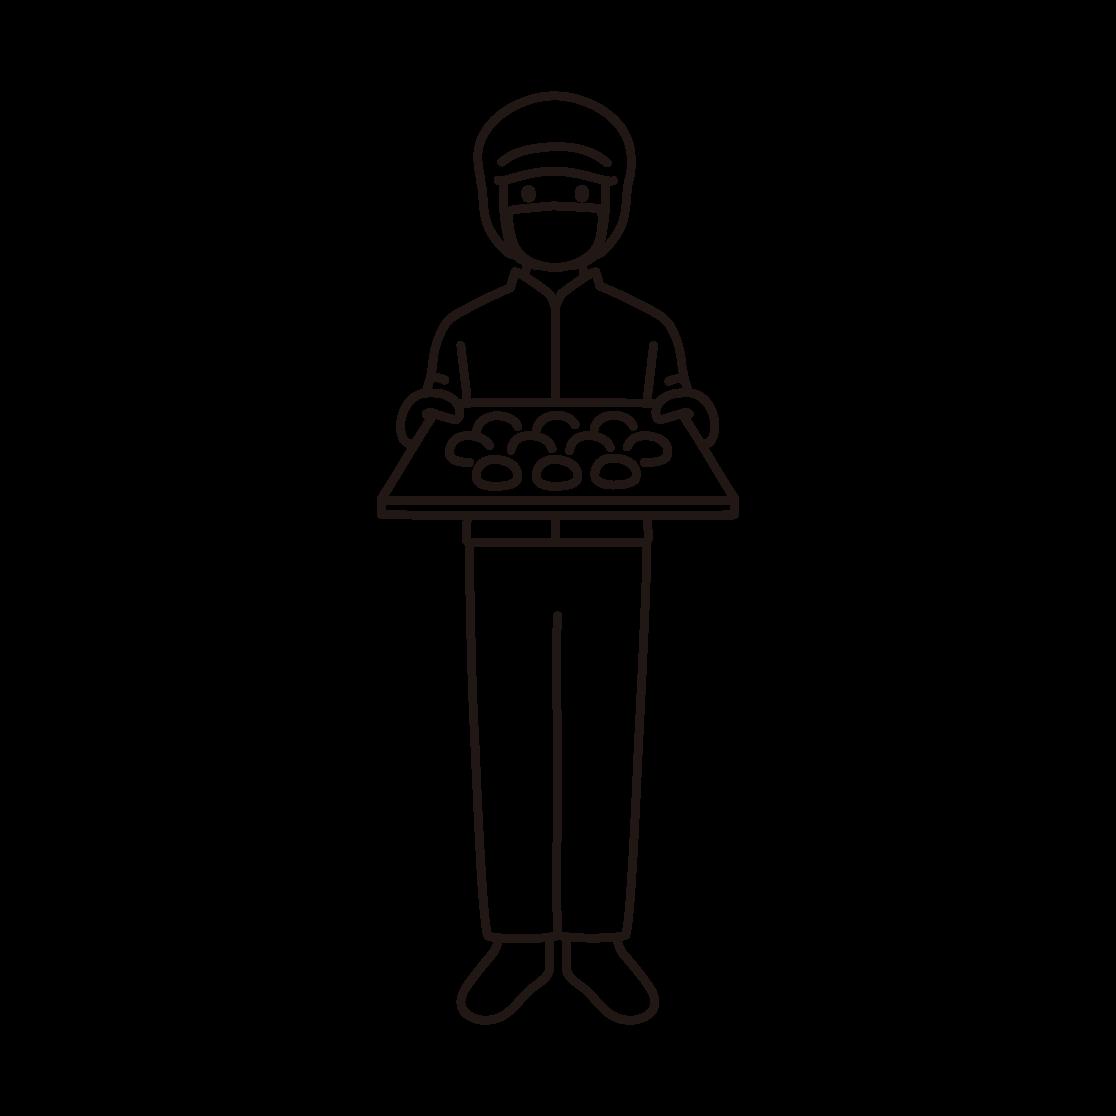 パン工場の男性スタッフの線画イラスト